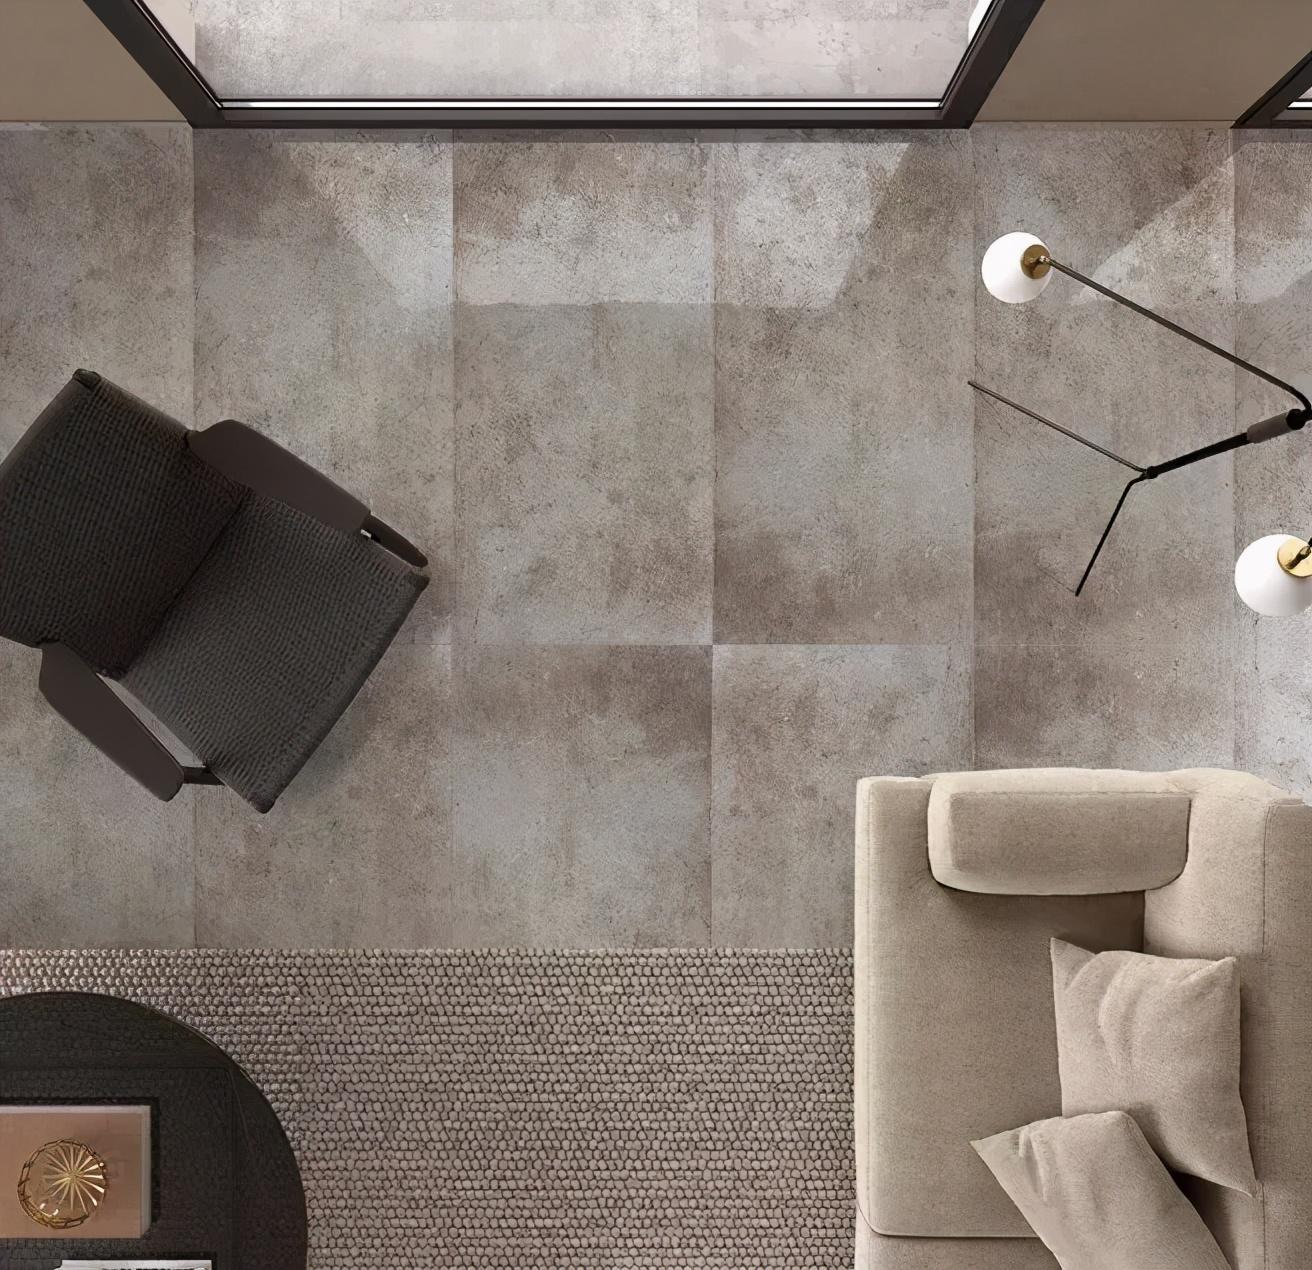 地板和瓷砖哪个好?这些问题你得先想清楚